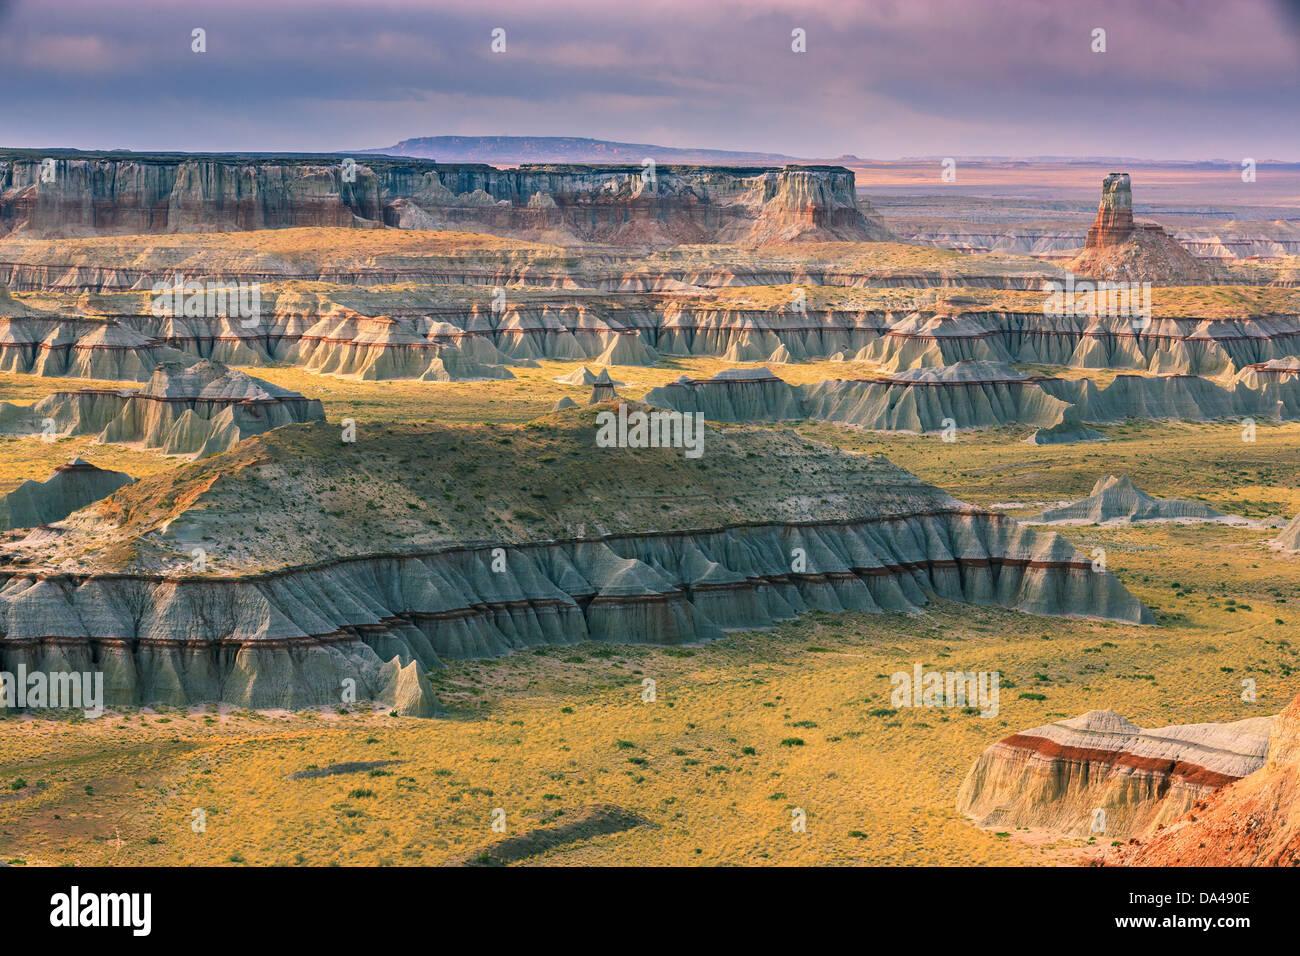 Ha Ho No Geh Canyon, im Nord-östlichen Teil von Arizona in der Nähe von Tuba City, USA Stockbild